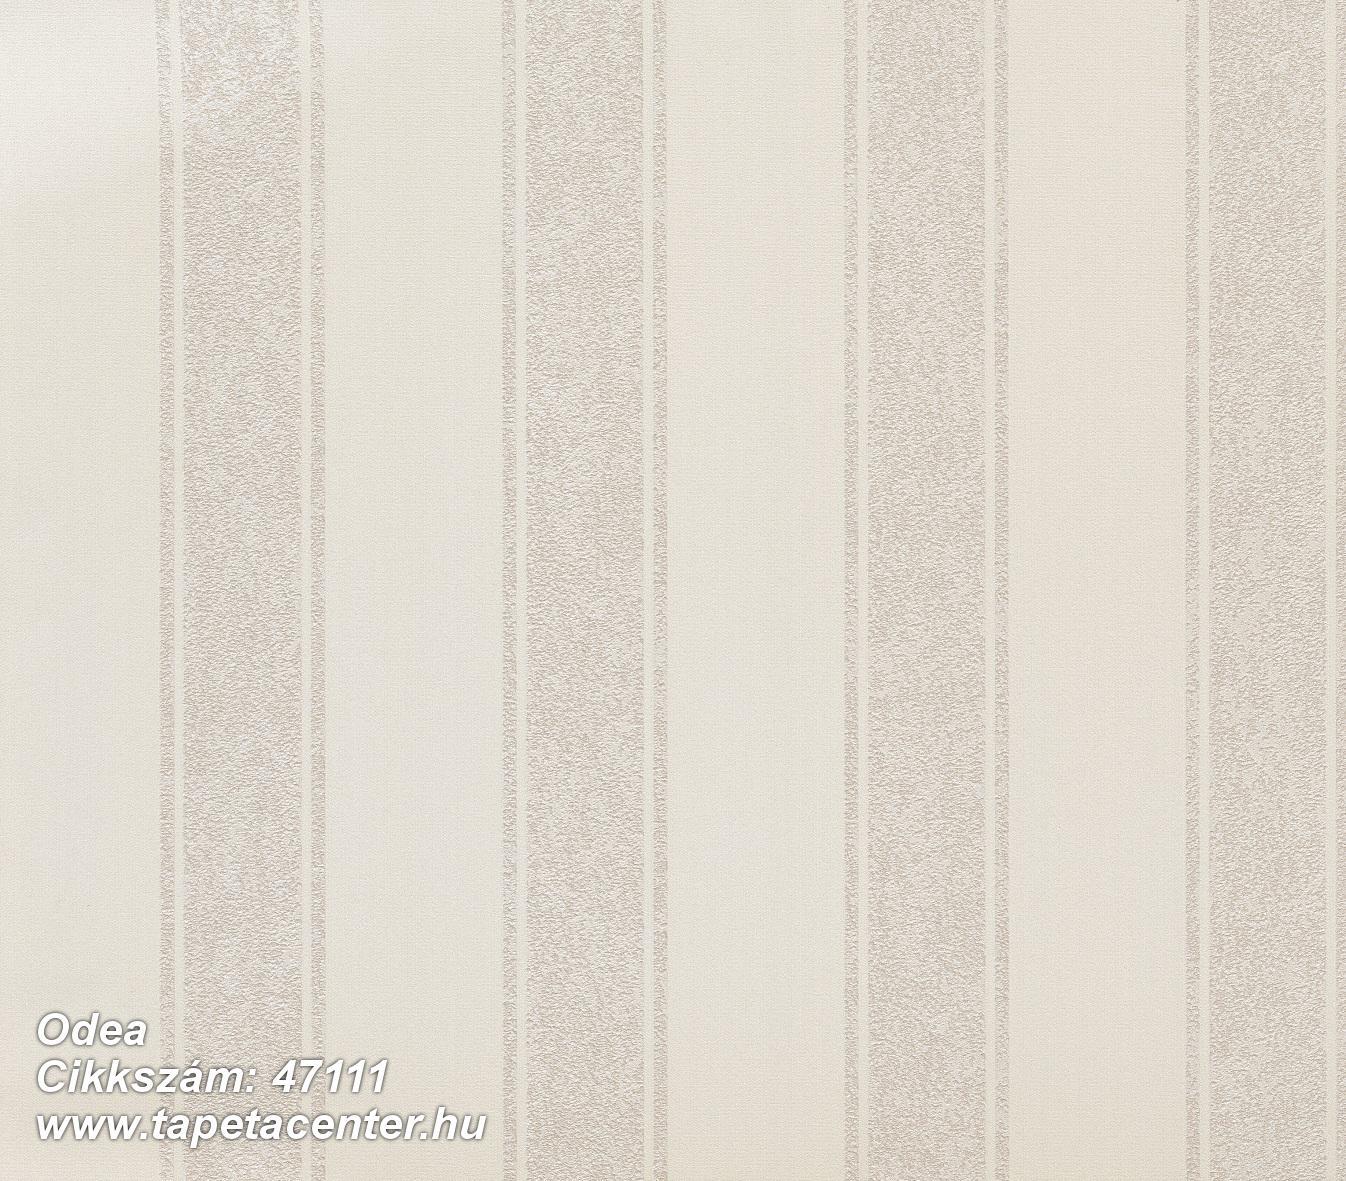 Odea - 47111 Olasz tapéta